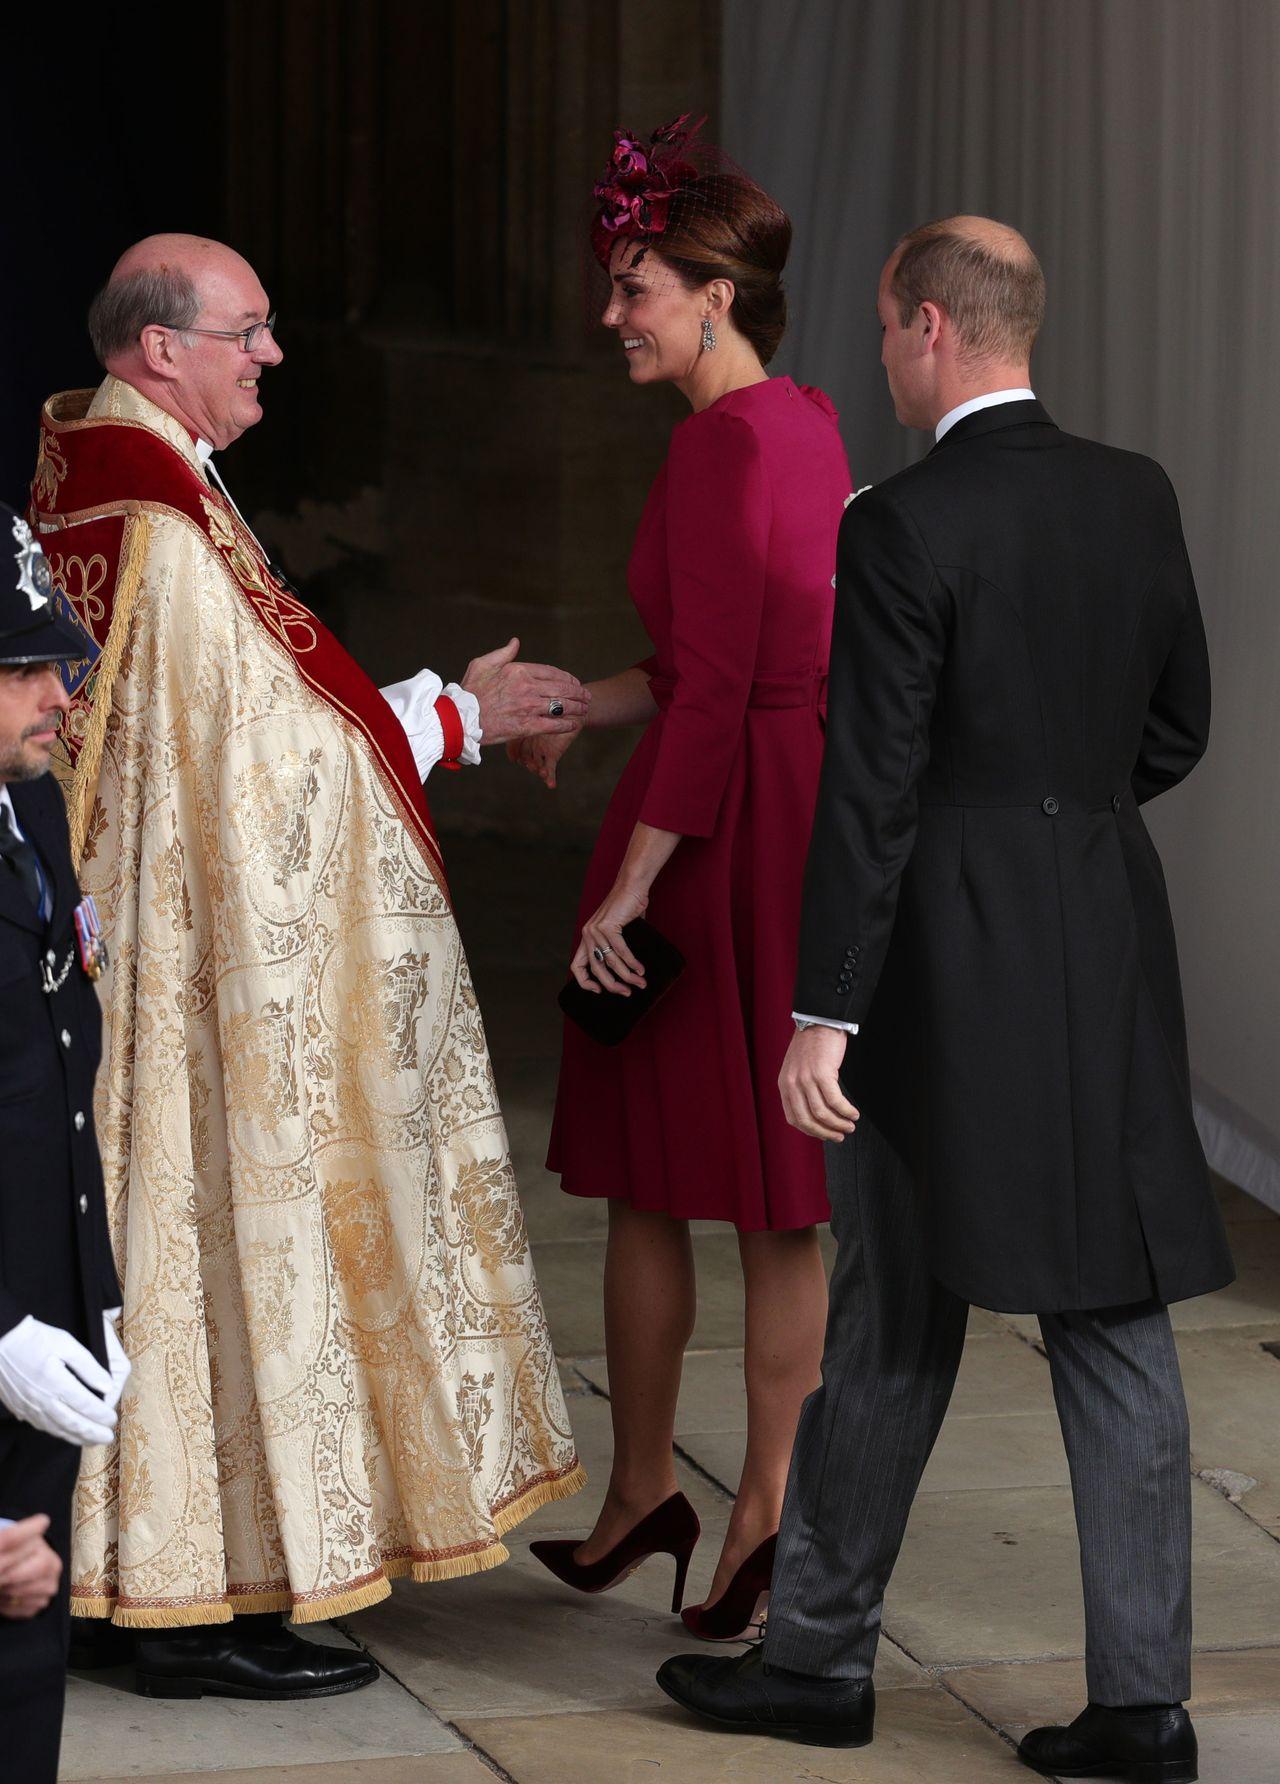 Na ślubie Eugenii mogliśmy zobaczyć pewną ZMIANĘ w relacji Kate i Williama